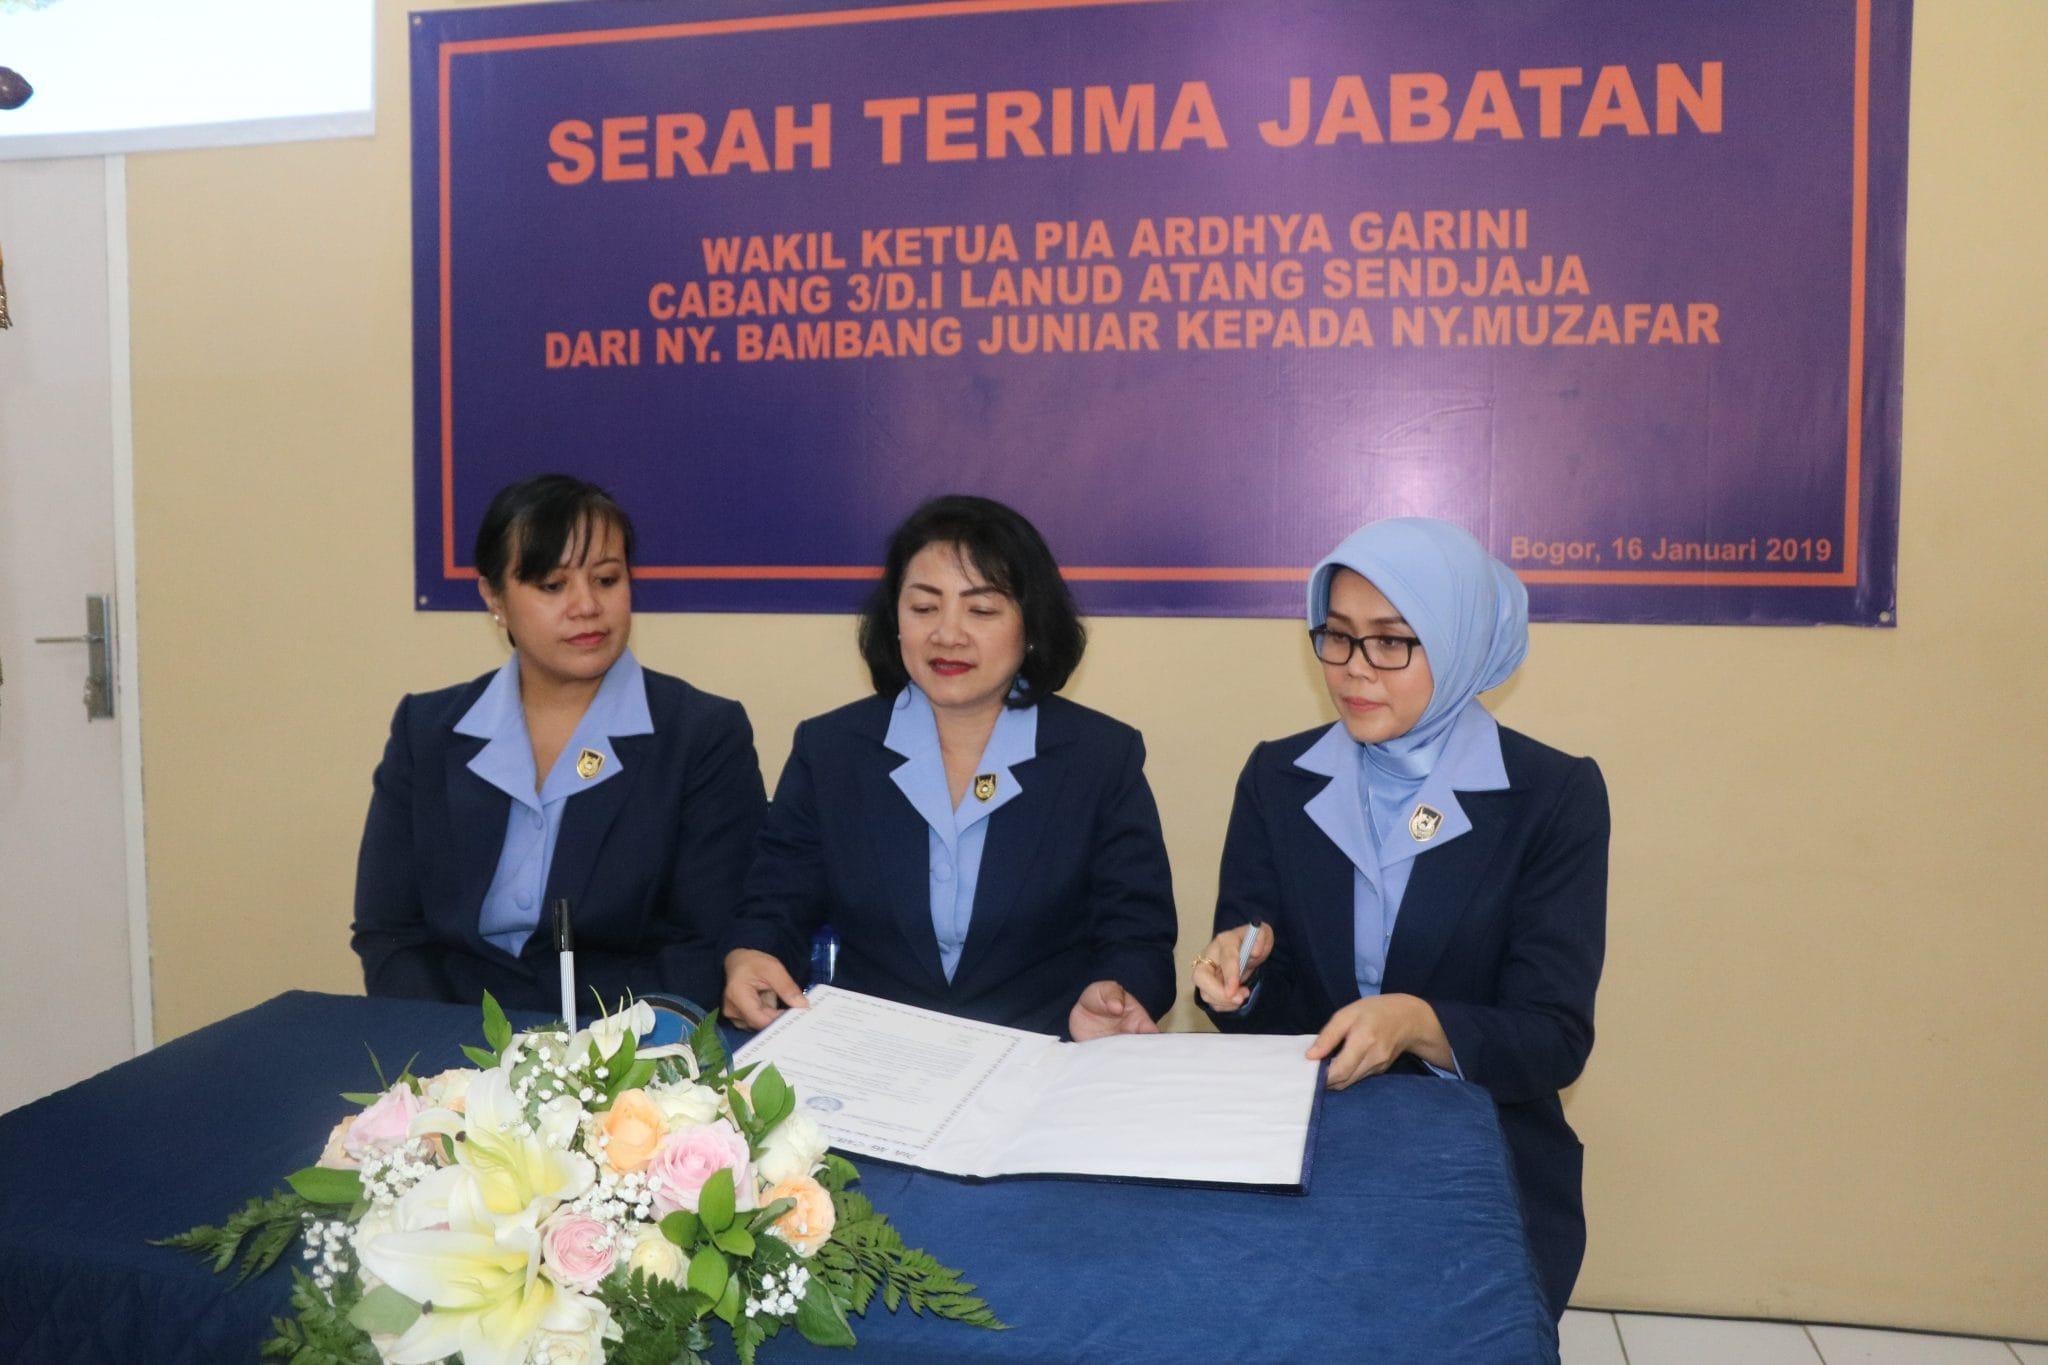 Ny. Muzafar Jabat Wakil Ketua PIA AG Cabang 3/Daerah I Lanud Atang Sendjaja